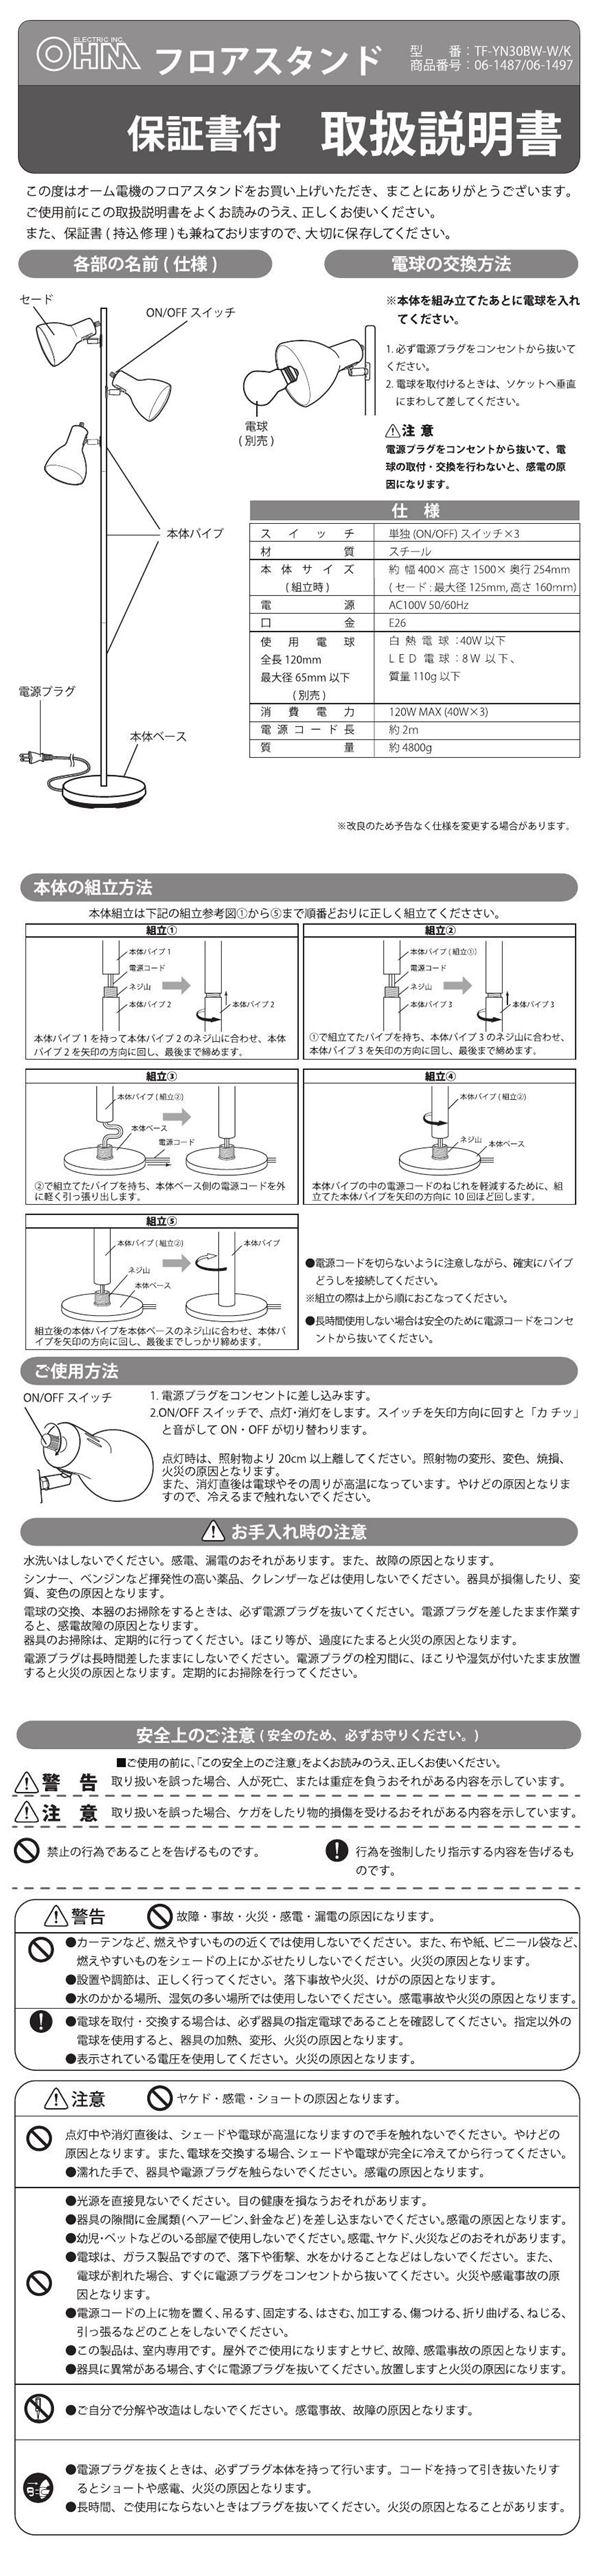 中古 オーム電機 フロアスタンド 3灯 E26 ブラック【電球別売】TF-YN30BW-K